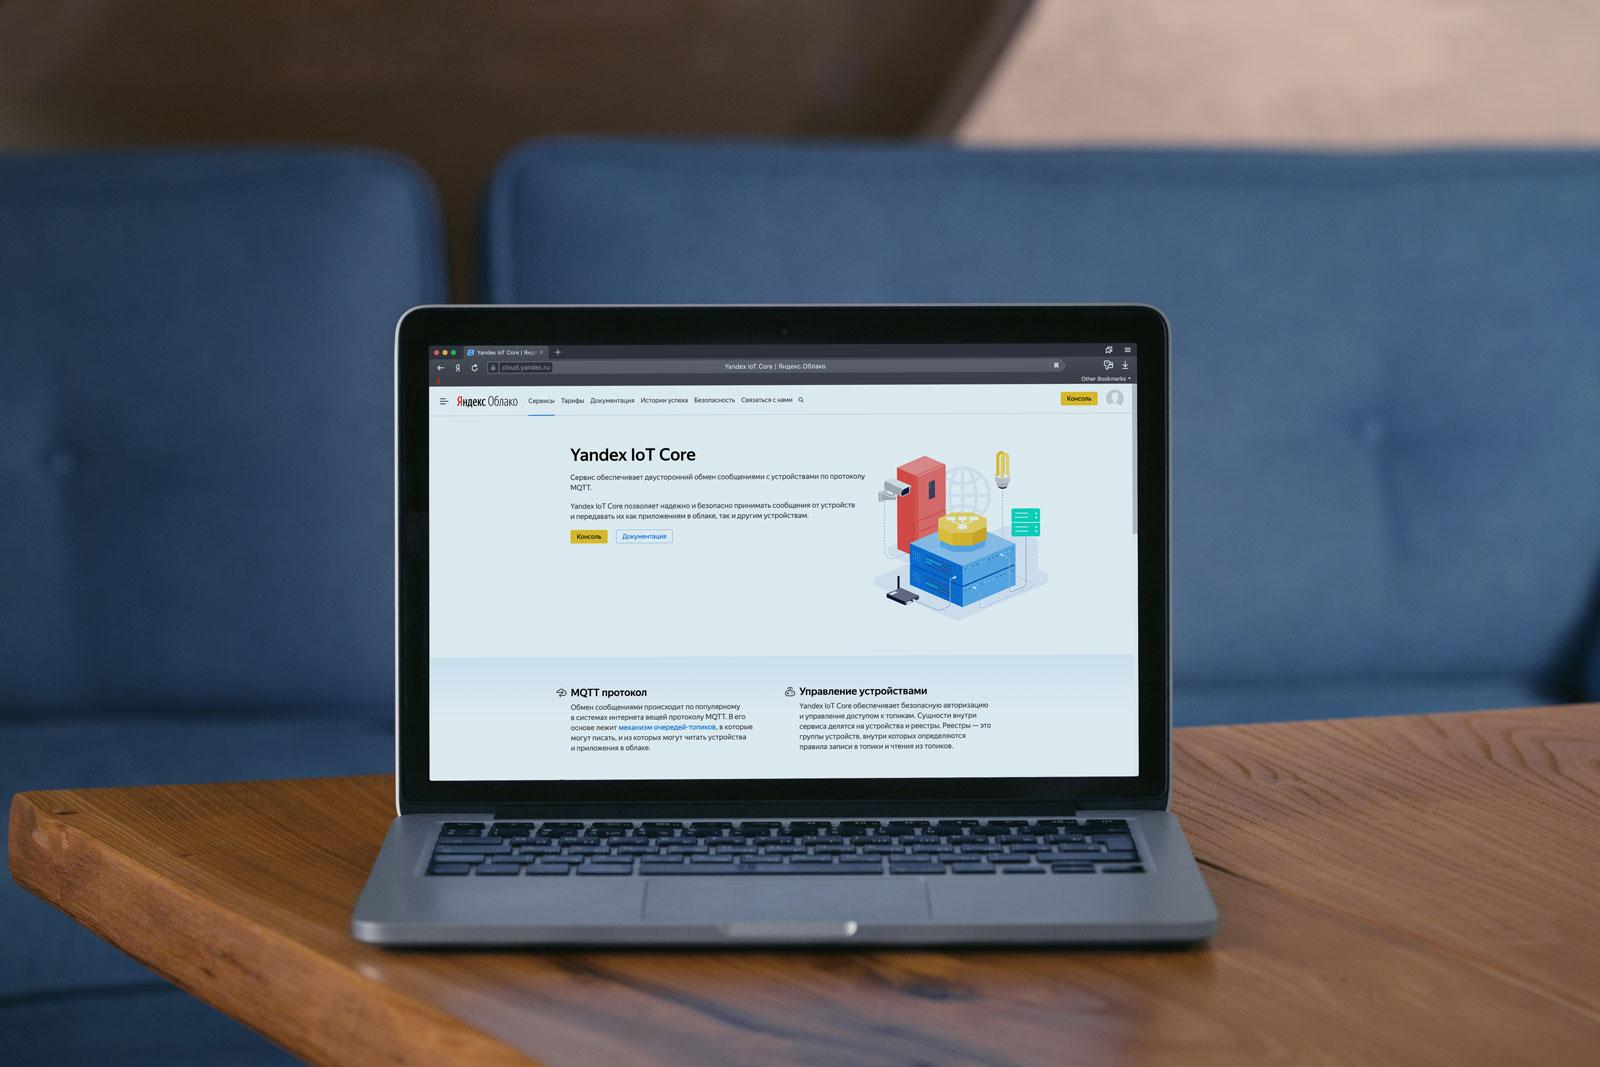 Интернет вещей в Яндекс.Облаке: как устроены сервисы Yandex IoT Core и Yandex Cloud Functions - 1